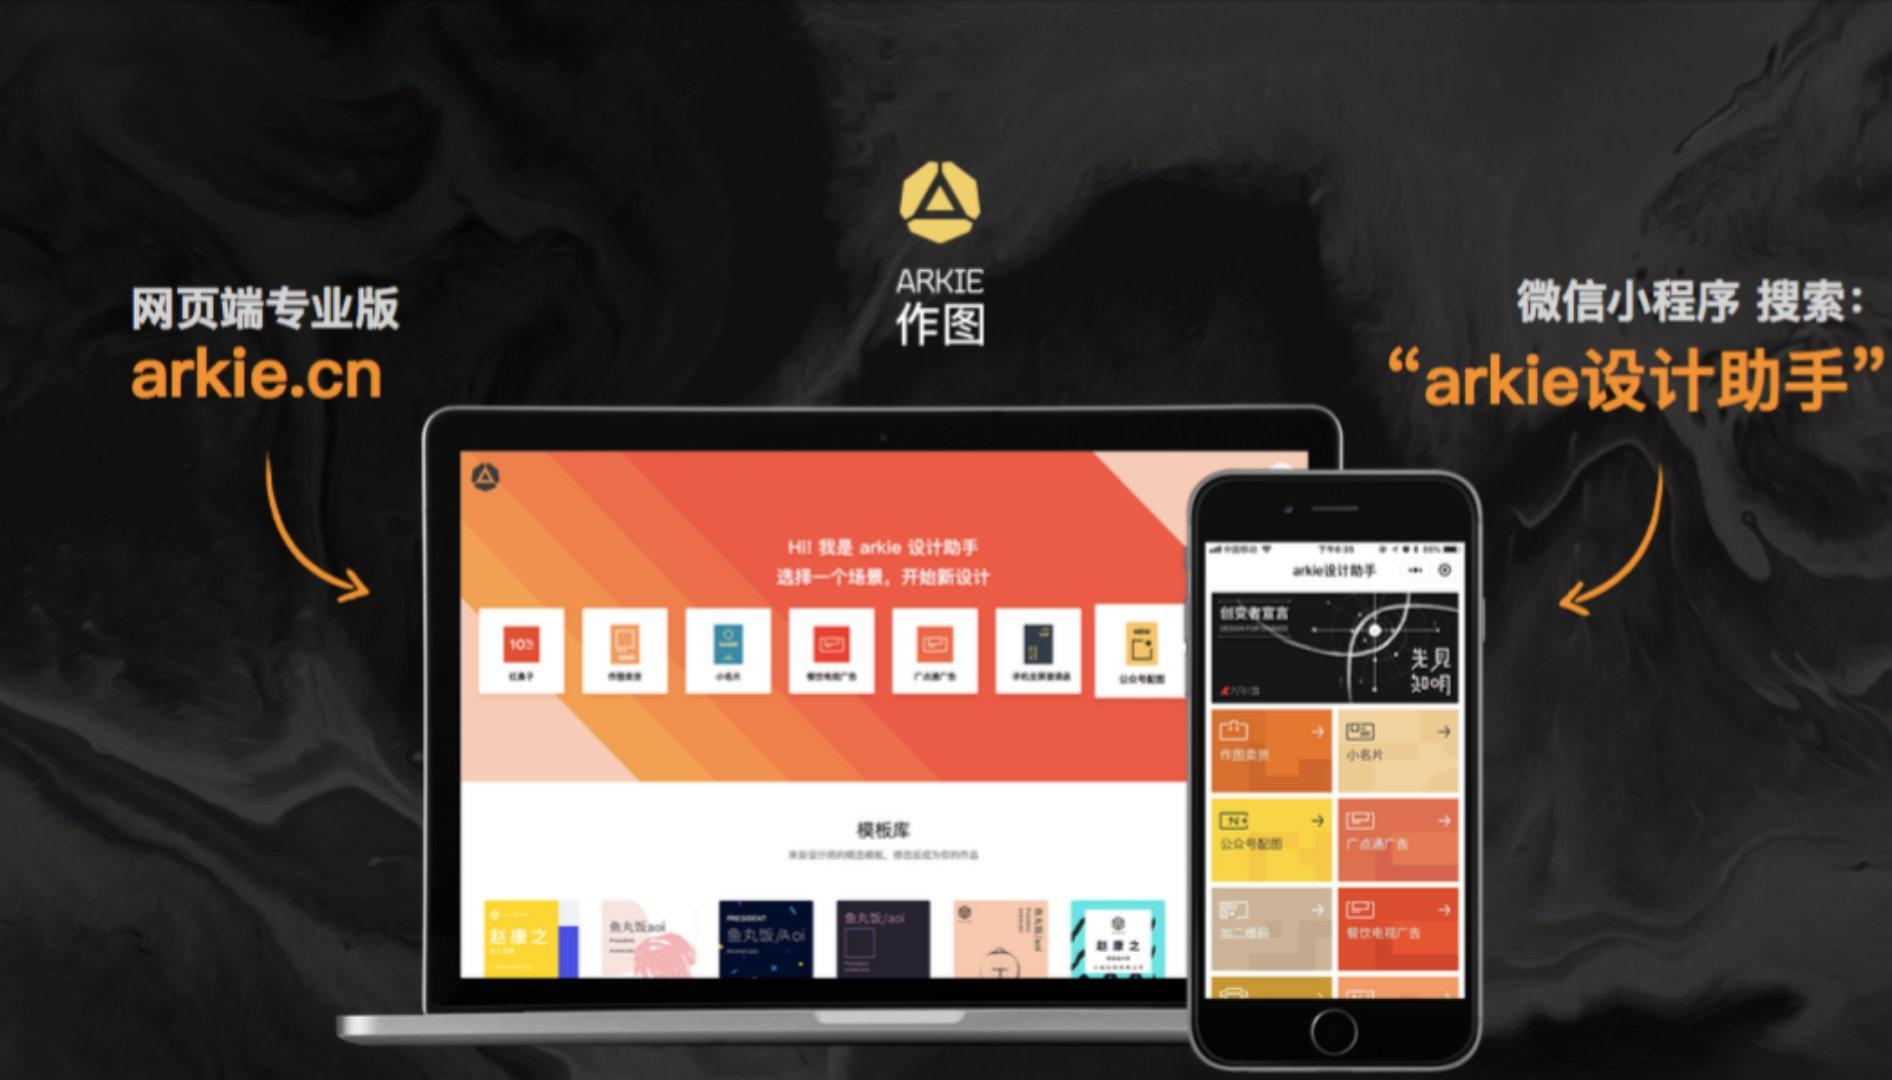 阿几网络专业提供一站式裂变营销商务服务ARKIE作图品牌值